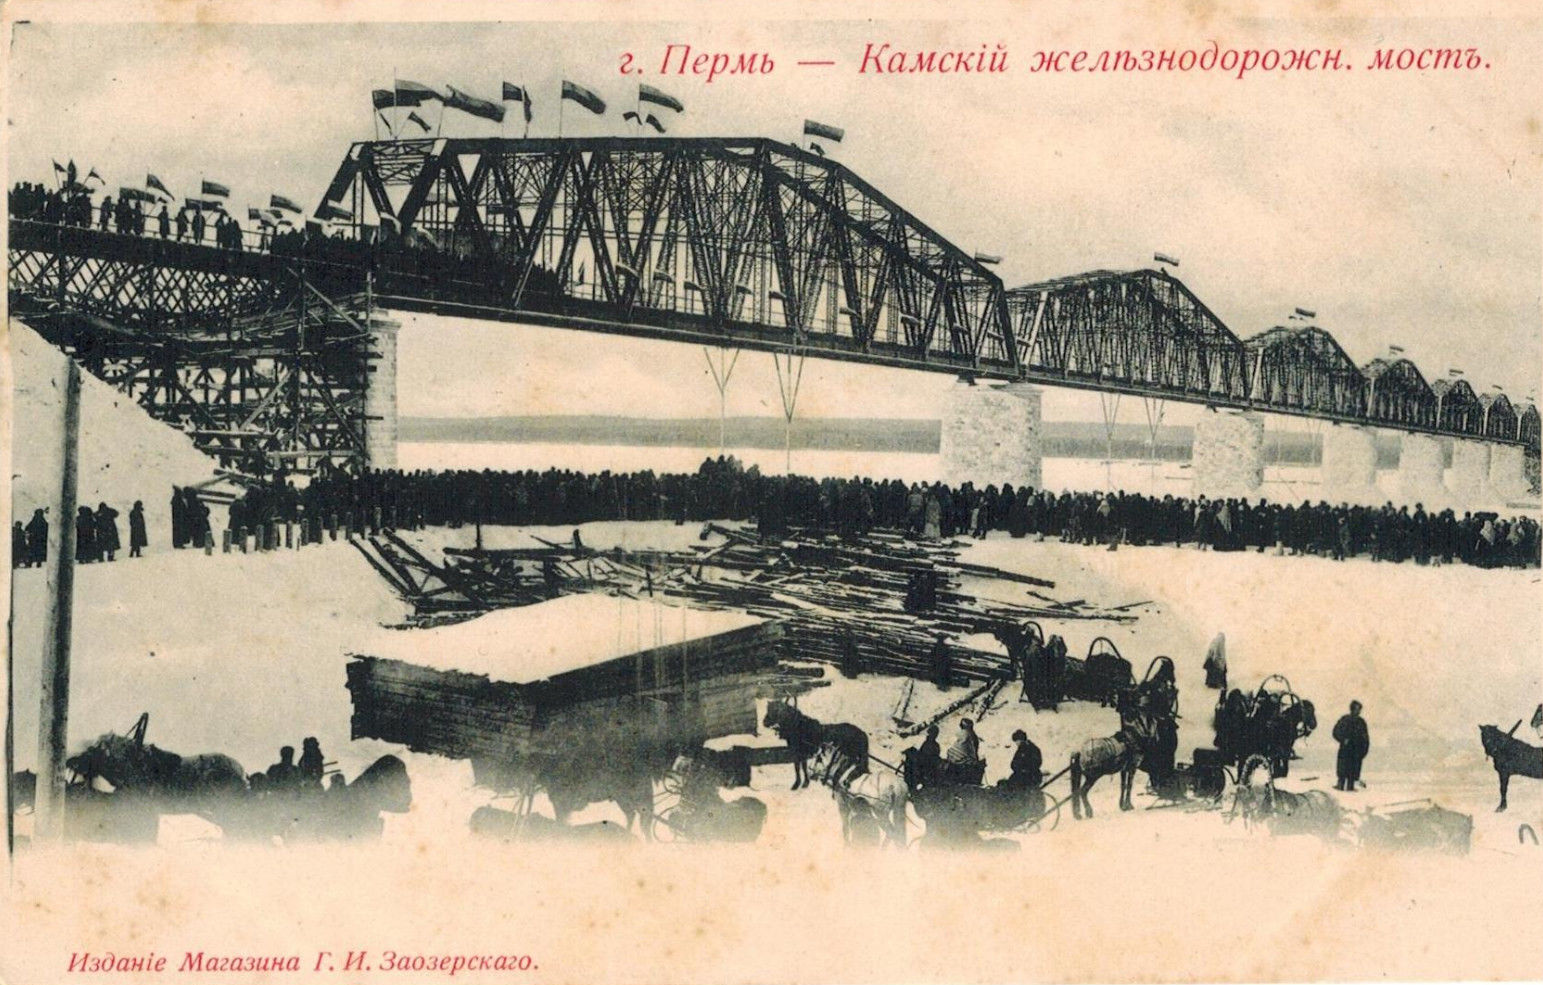 Окрестности Перми. Камский железнодорожный мост. Открытие